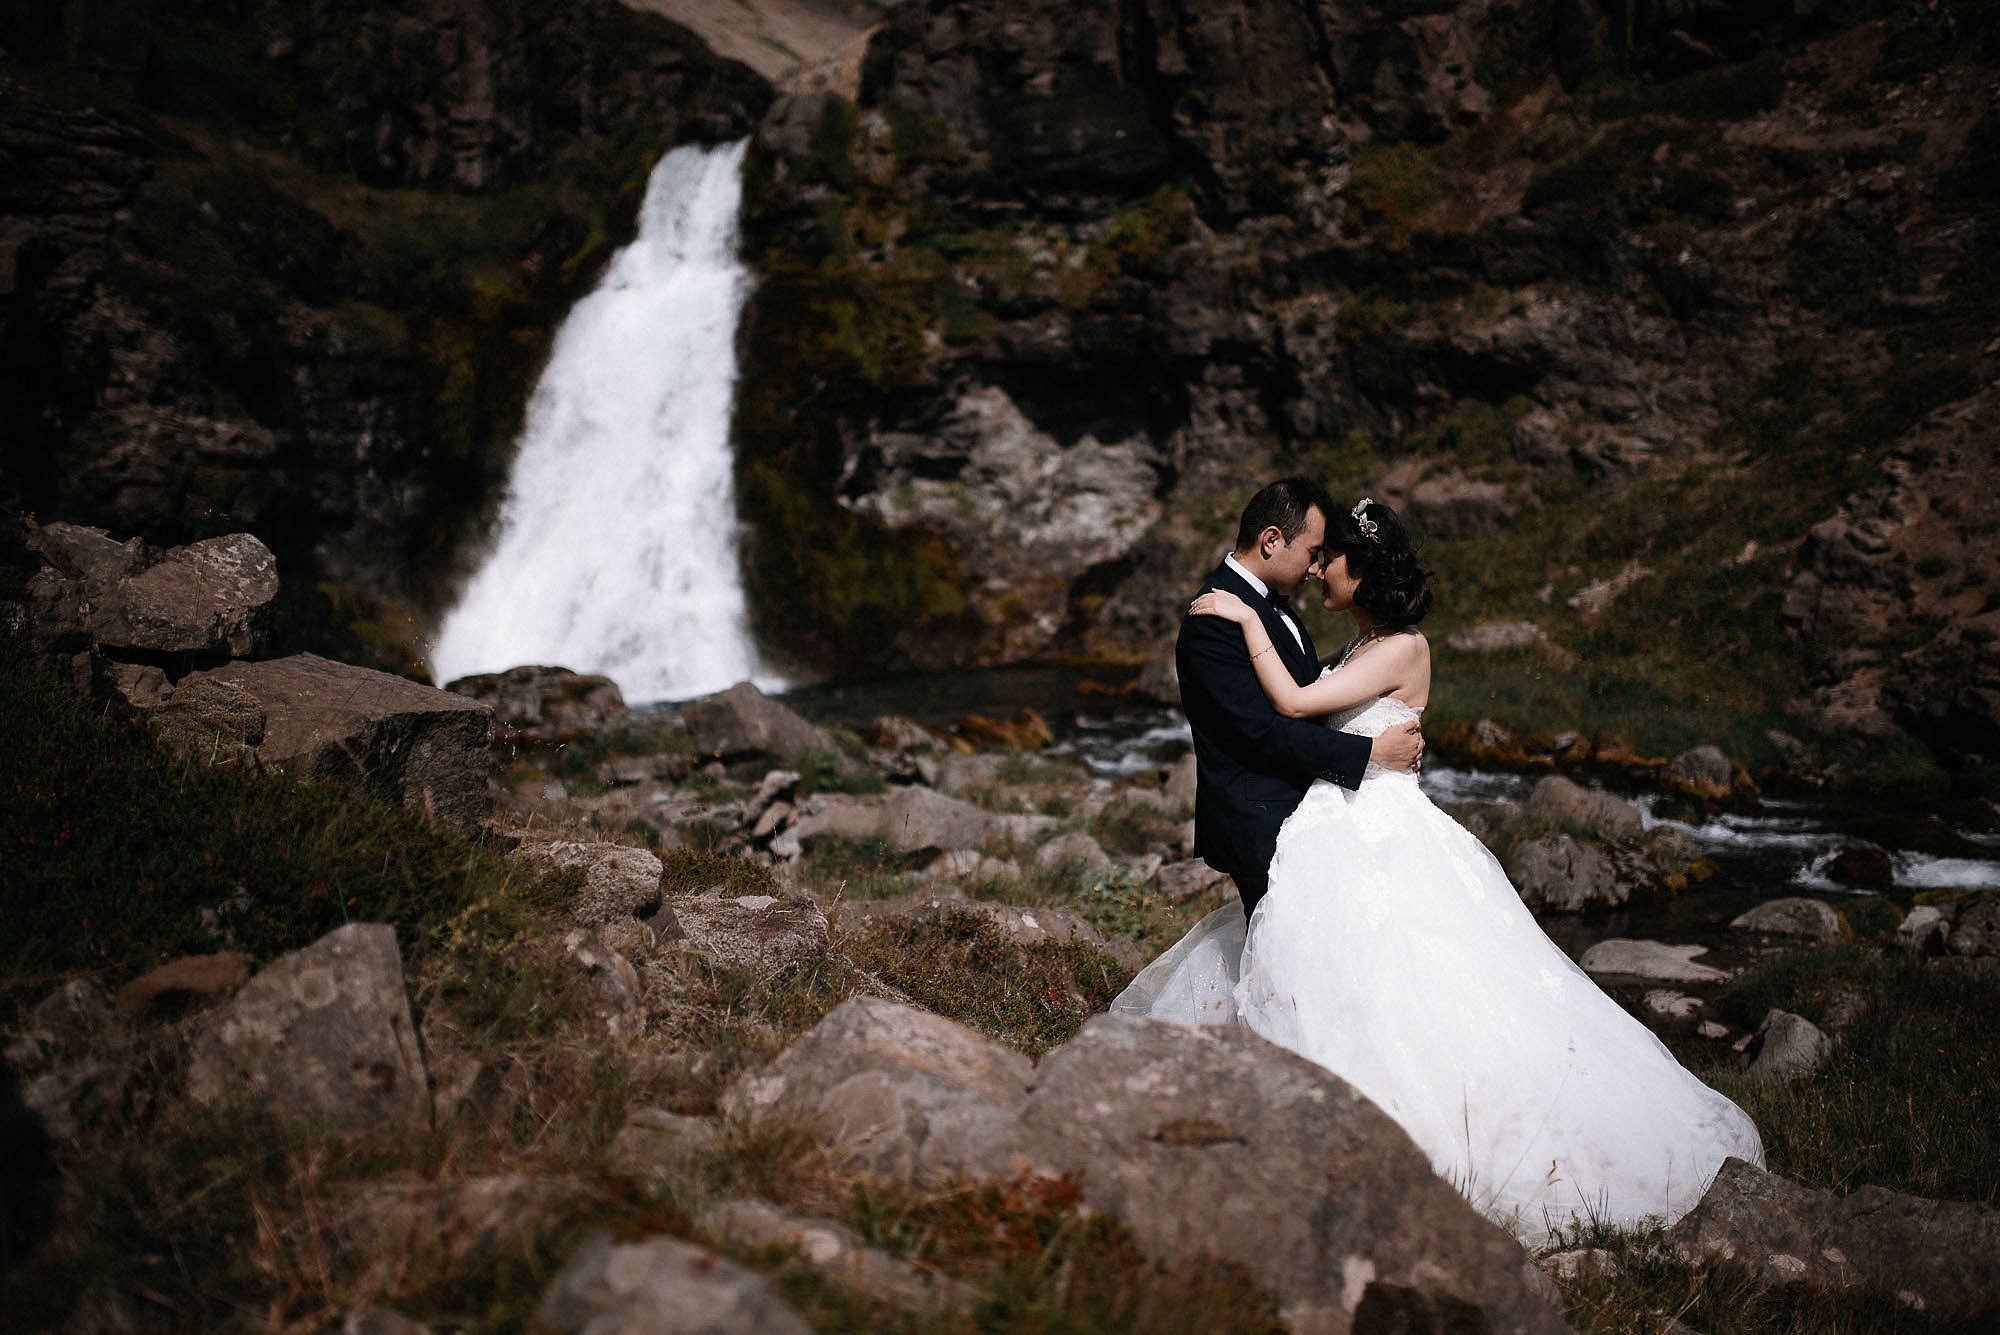 iceland-wedding-photographer_jere-satamo_photography-reykjavik-036.jpg